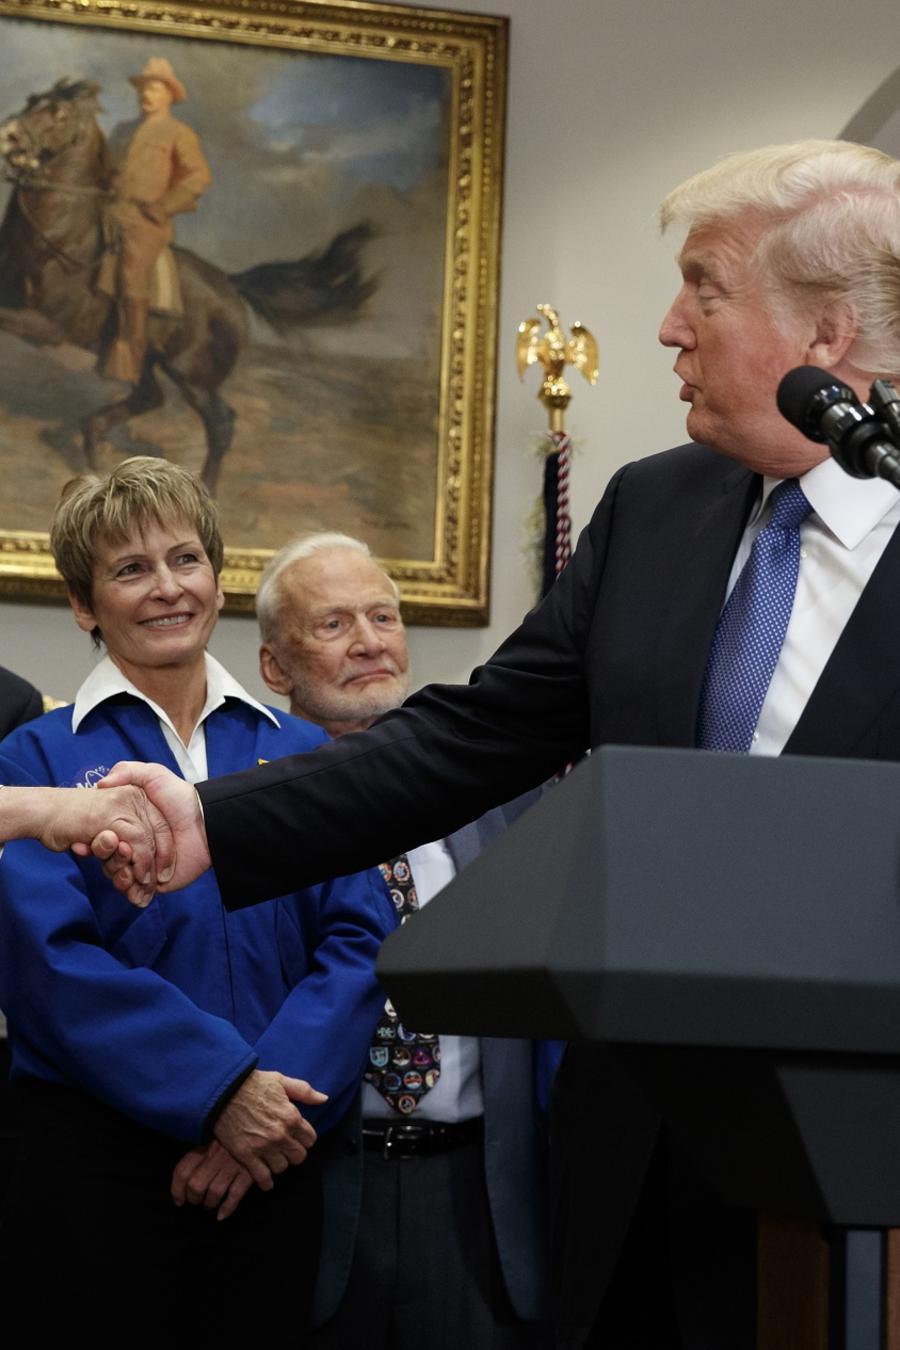 El presidente Donald Trump le da la mano al ex astronauta del Apollo 17 Jack Schmitt antes de firmar una directiva política para enviar de regreso a la luna a los astronautas estadounidenses, y finalmente a Marte, en la Sala Roosevelt de la Casa Blanca.